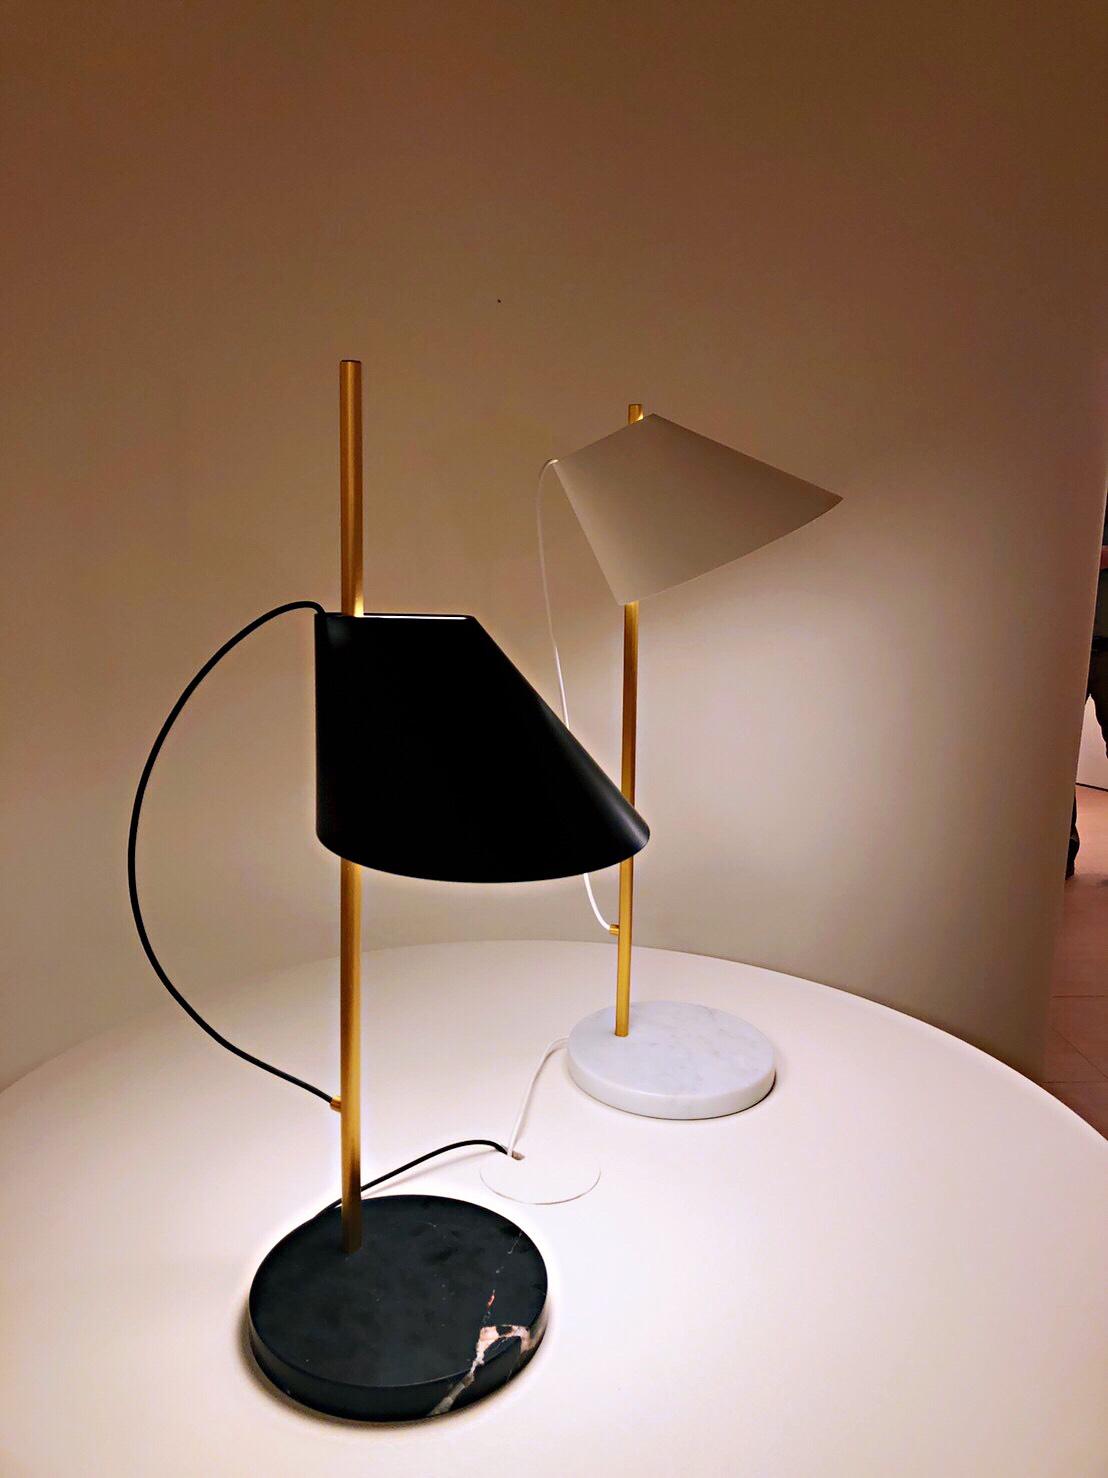 YUH 大理石底座 桌燈 / 立燈 - 新材質新感受!YUH 的直接無眩光的向下光源,可調節角度讓光源更能符合需求,頂部也提供柔和的向上照明,光源的縮放間,個性化成就了燈光的靈活性。